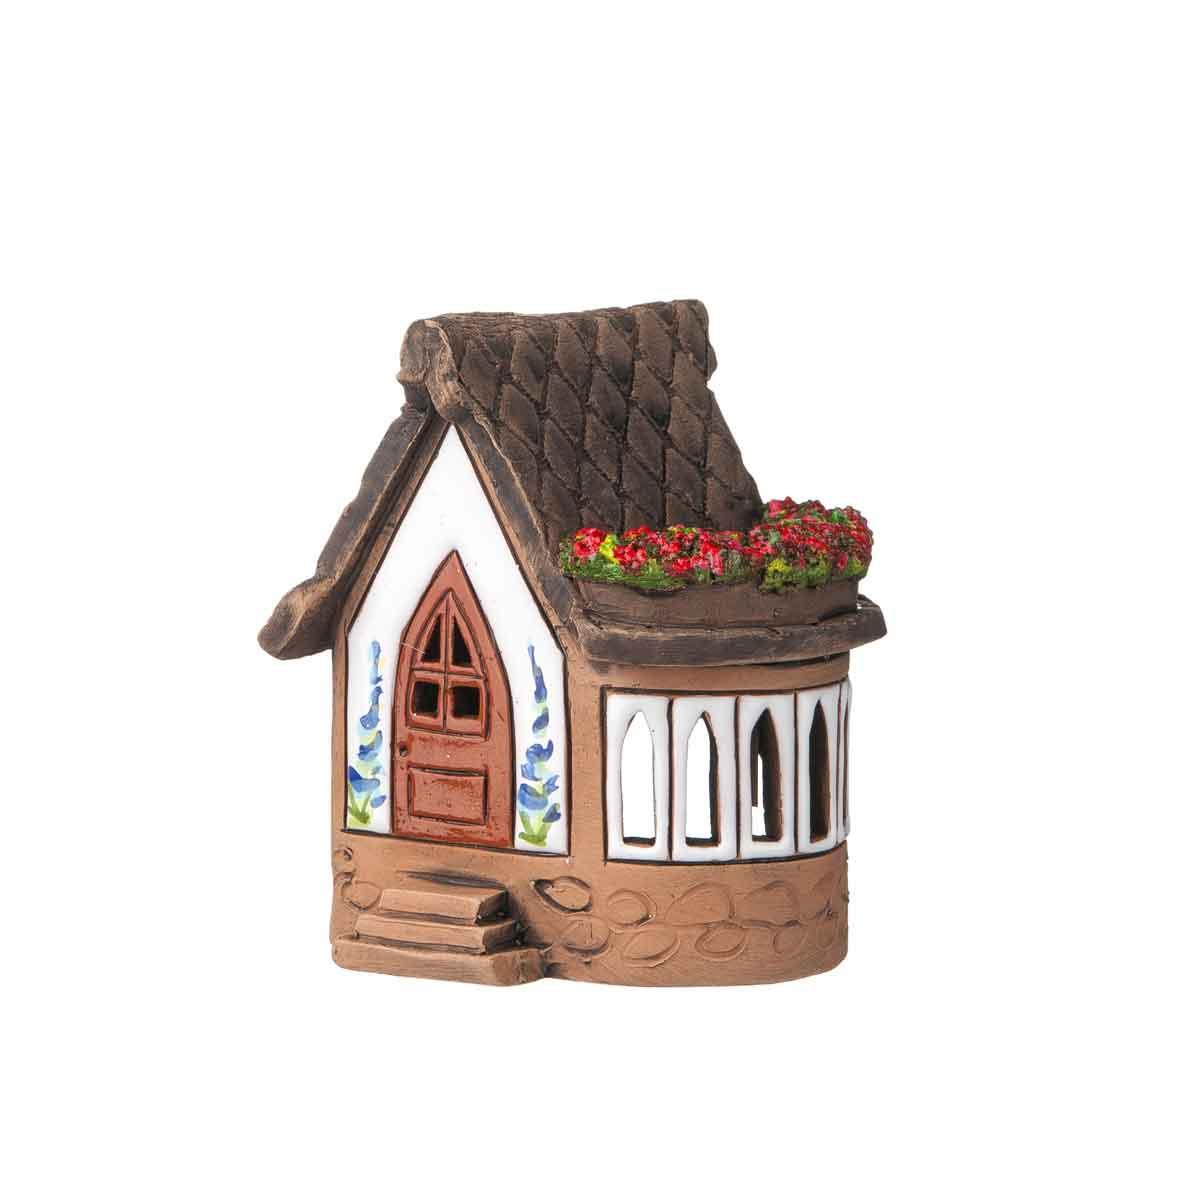 Porta tealight casetta con fioriera sul tetto altezza 10cm